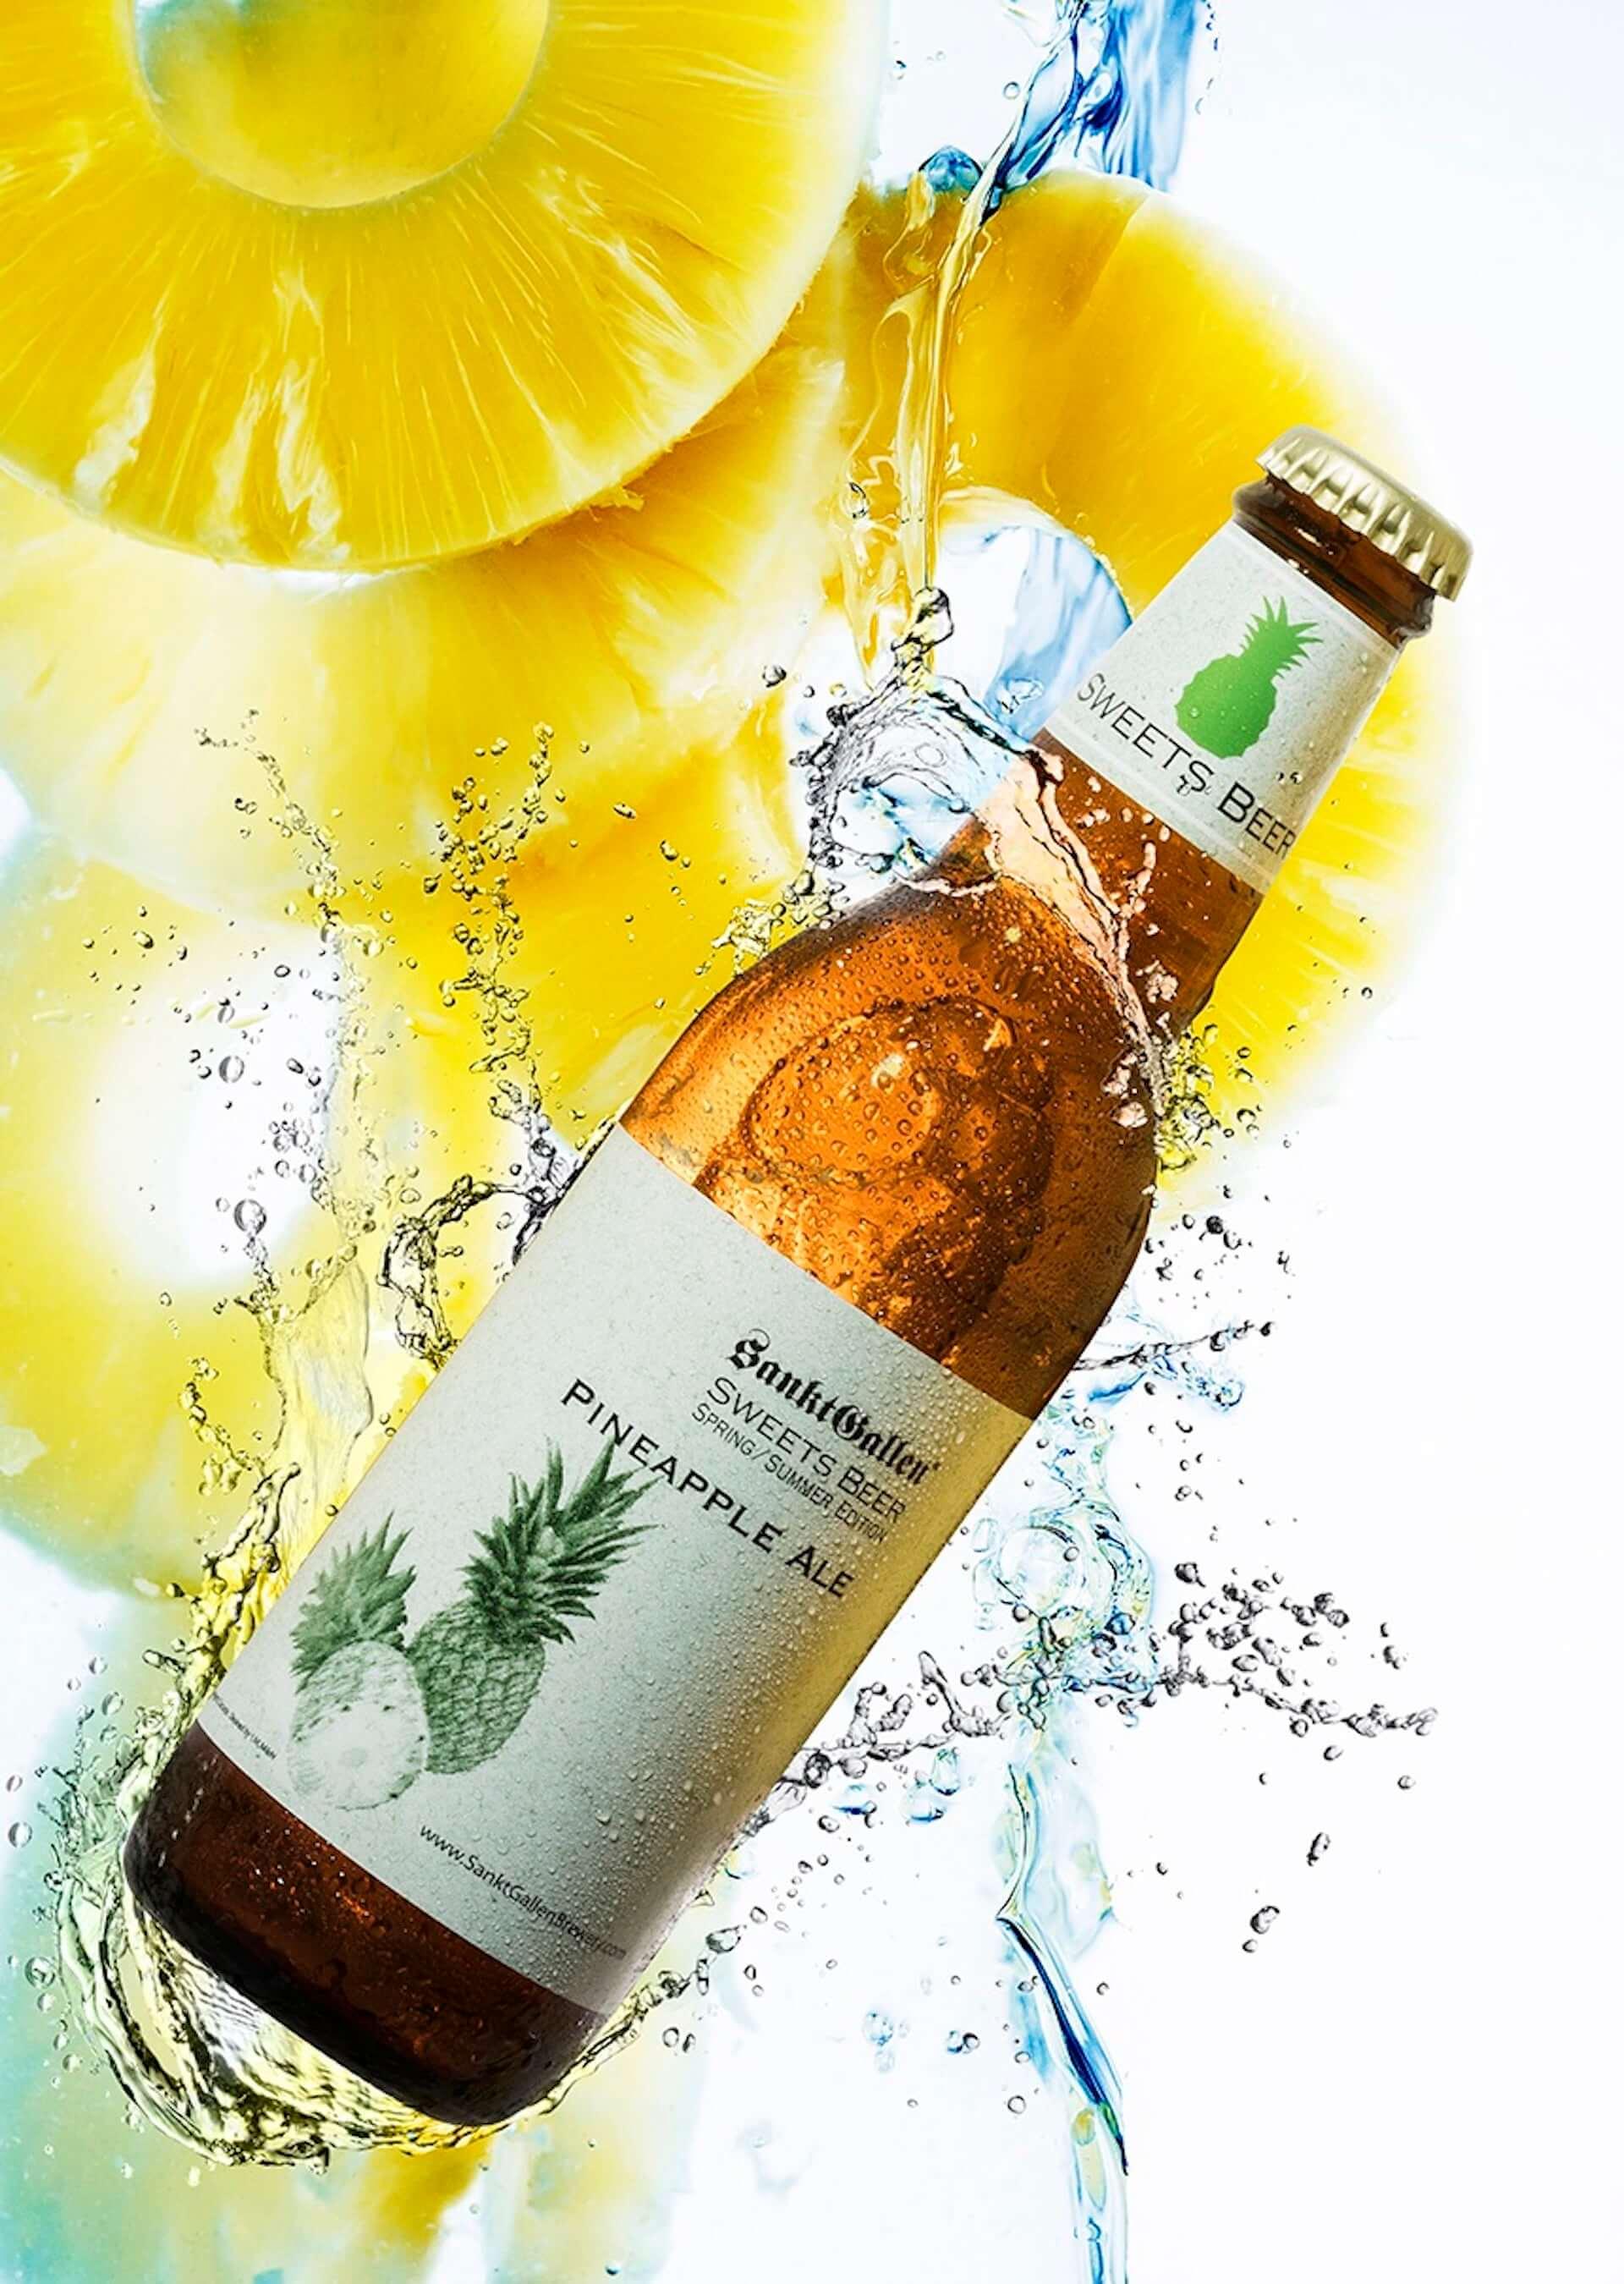 人工物を使用しないパイナップル風味のビールが登場!サンクトガーレン『パイナップルエール』が夏季限定発売決定 gourmet200414_sanktgallen_7-1920x2700